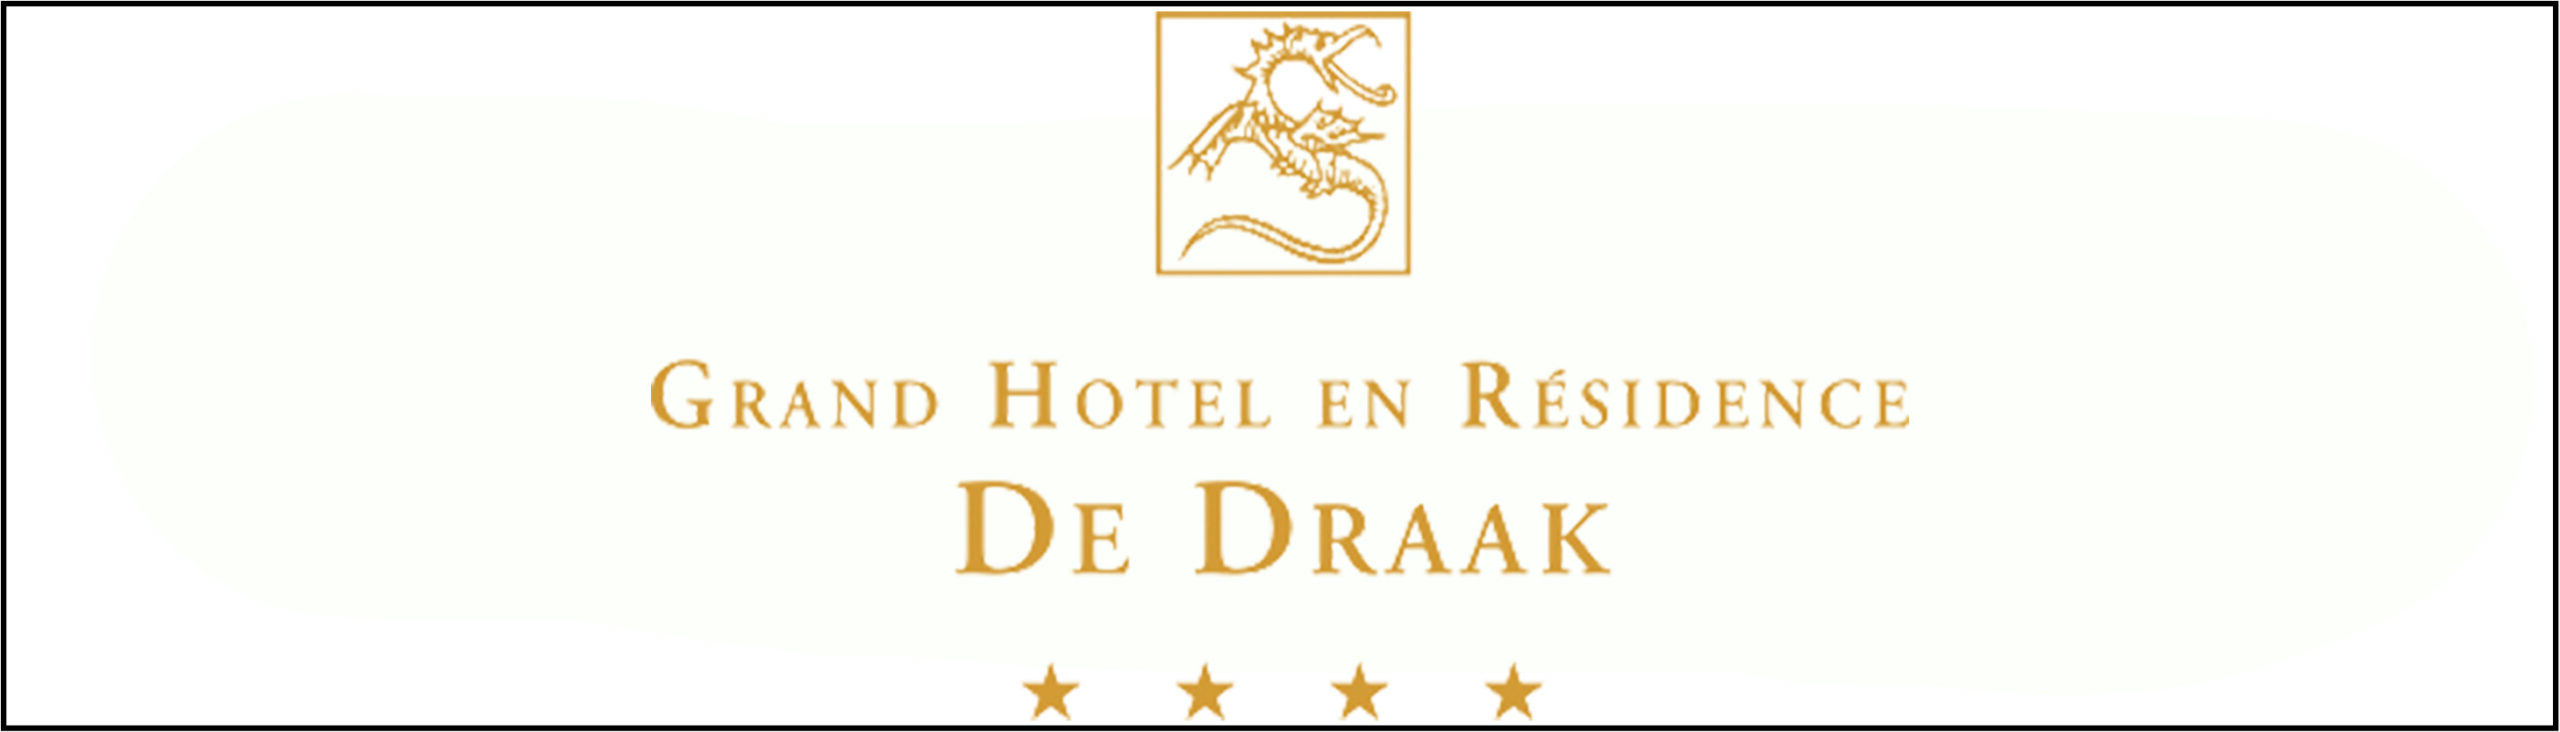 PION horeca promotie uitzendbureau Bergen op Zoom Grand Hotel en Residence De Draak